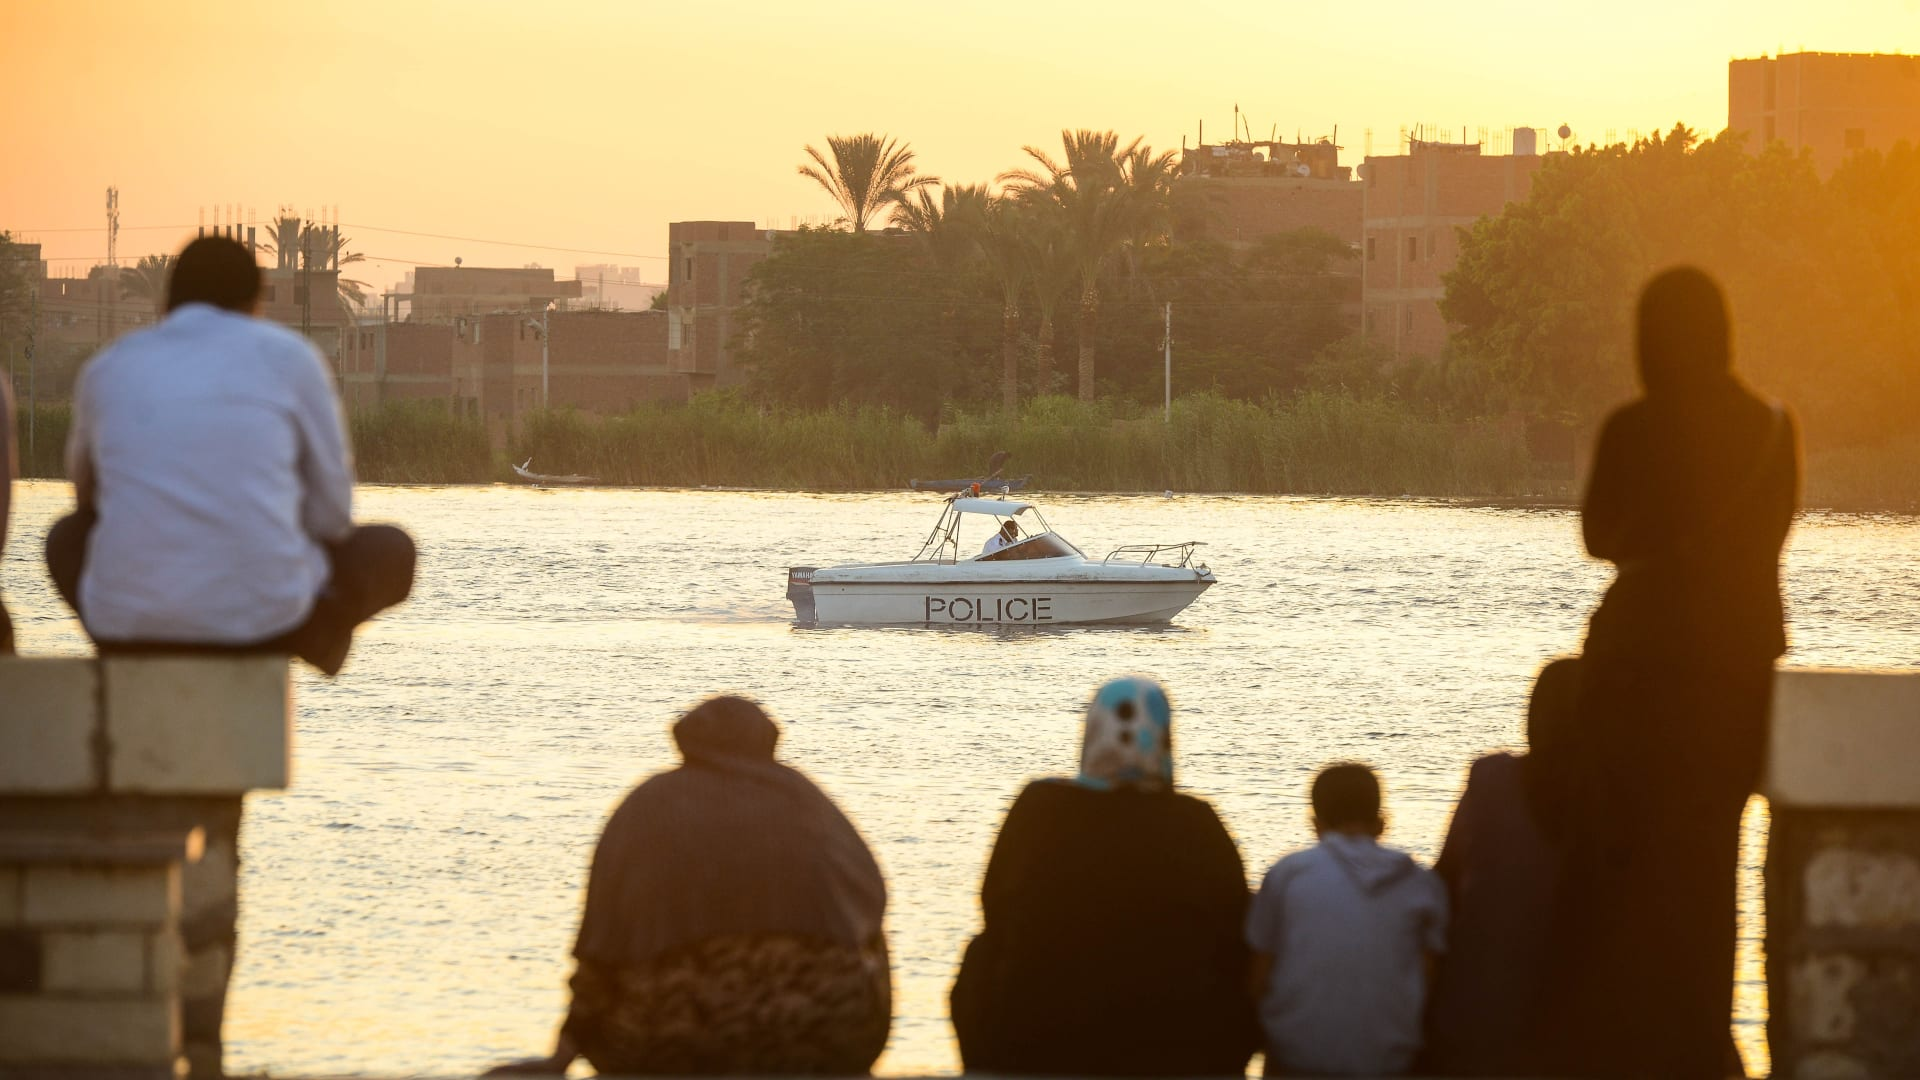 طبيعة ووضع الملابس عليها.. هذا ما توصل له الكشف على جثة الطالبة المصرية شهد بعد انتشالها من النيل